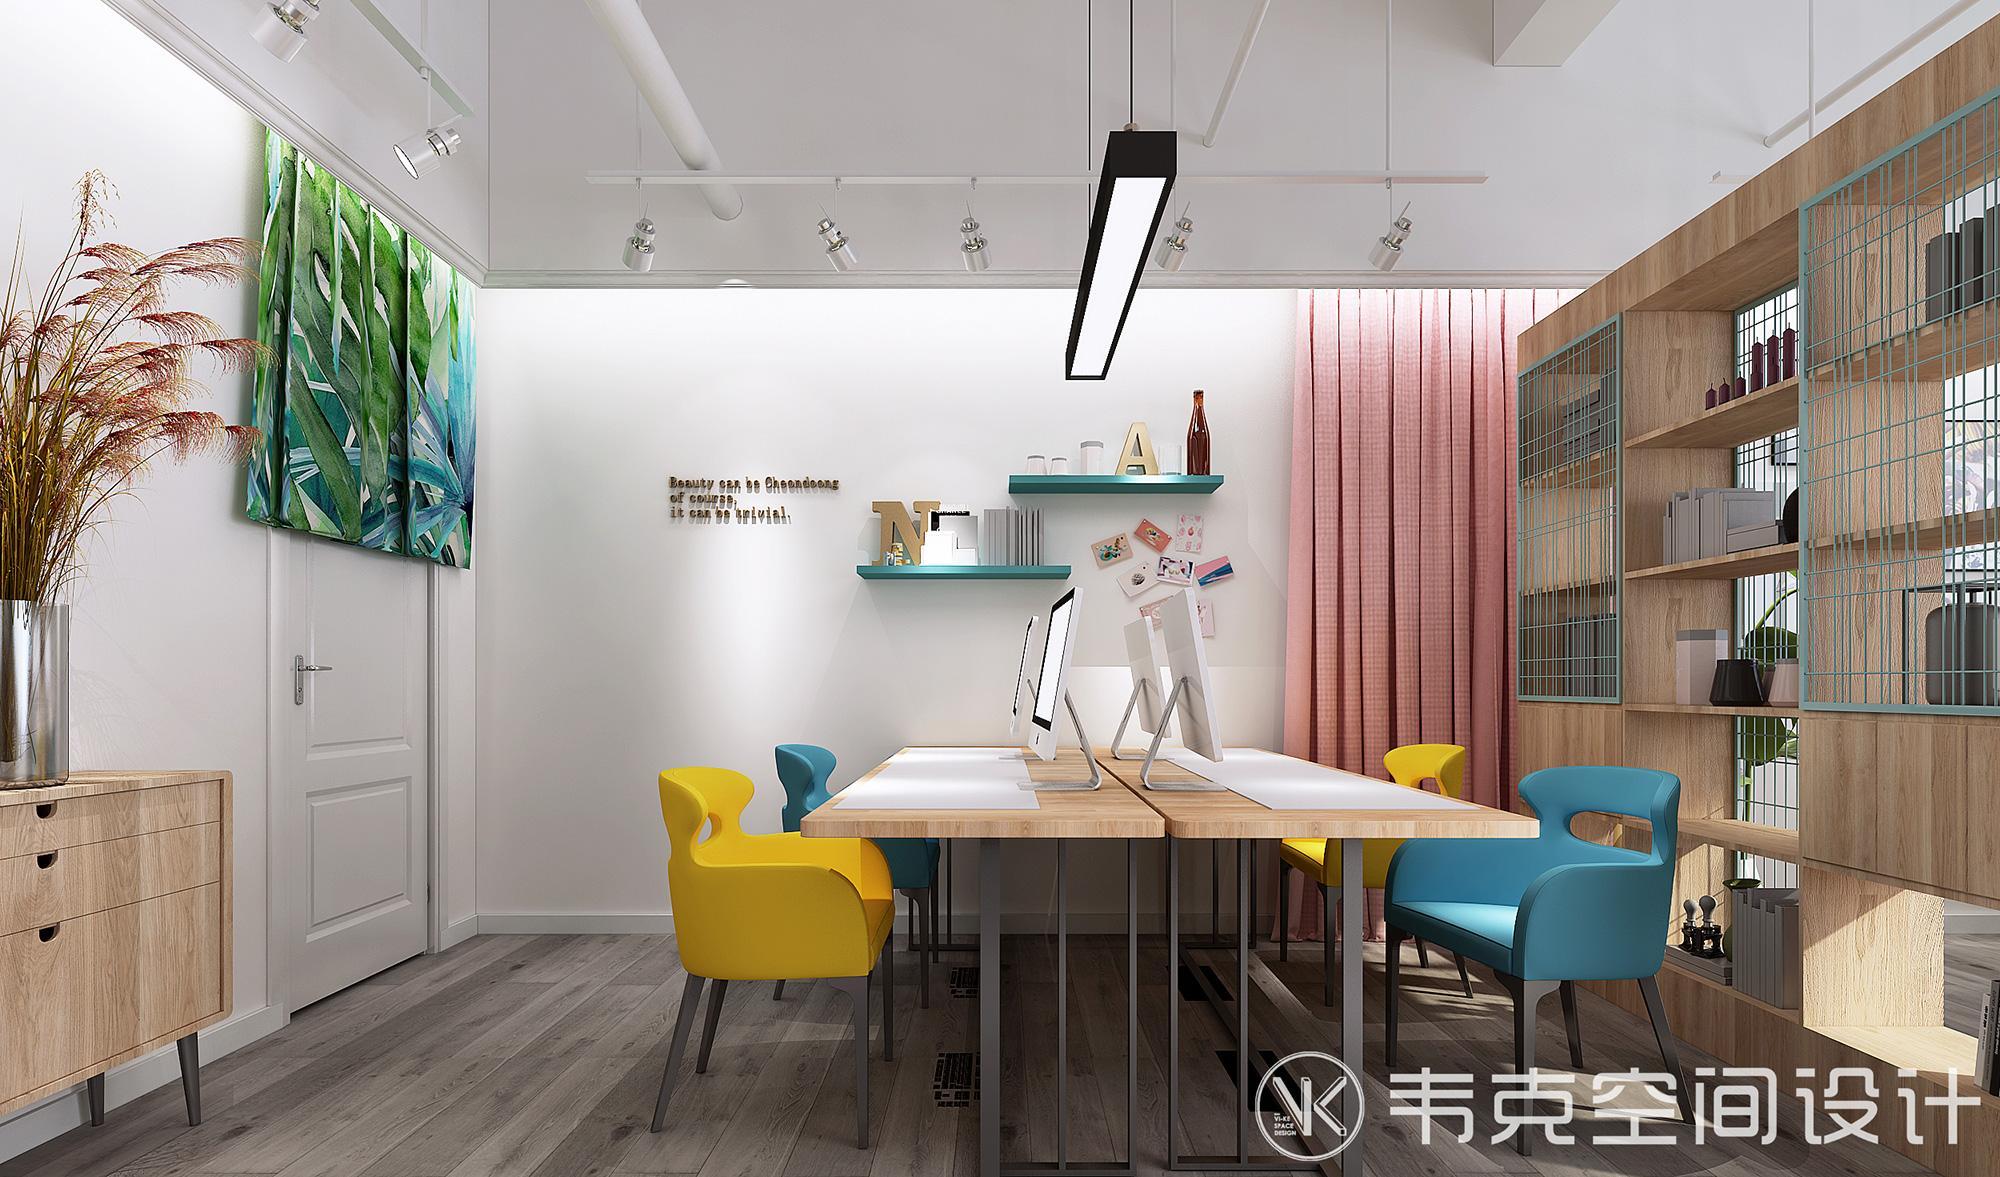 家居设计书房装修2000_1177学平面设计需要学什么好学吗图片